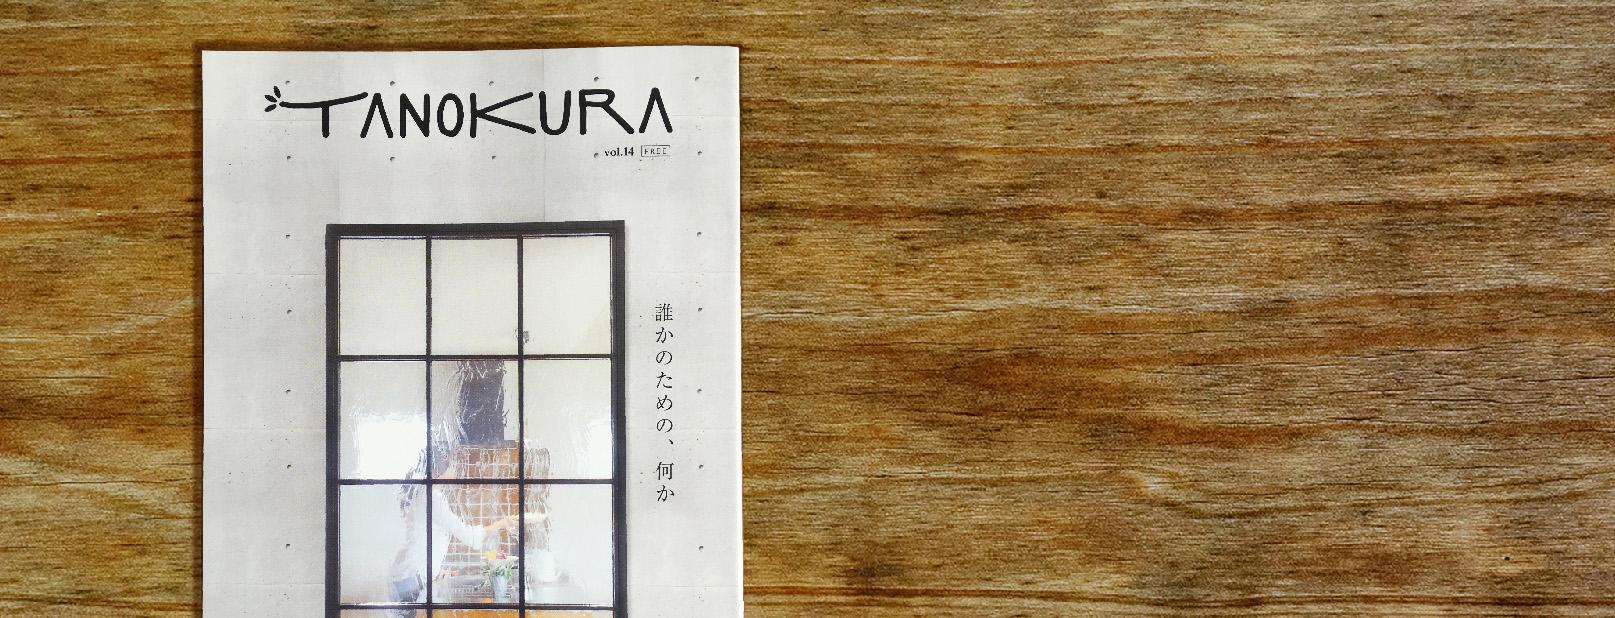 最新号 | 自分にしかない「何か」が見つかるTANOKURA vol.14